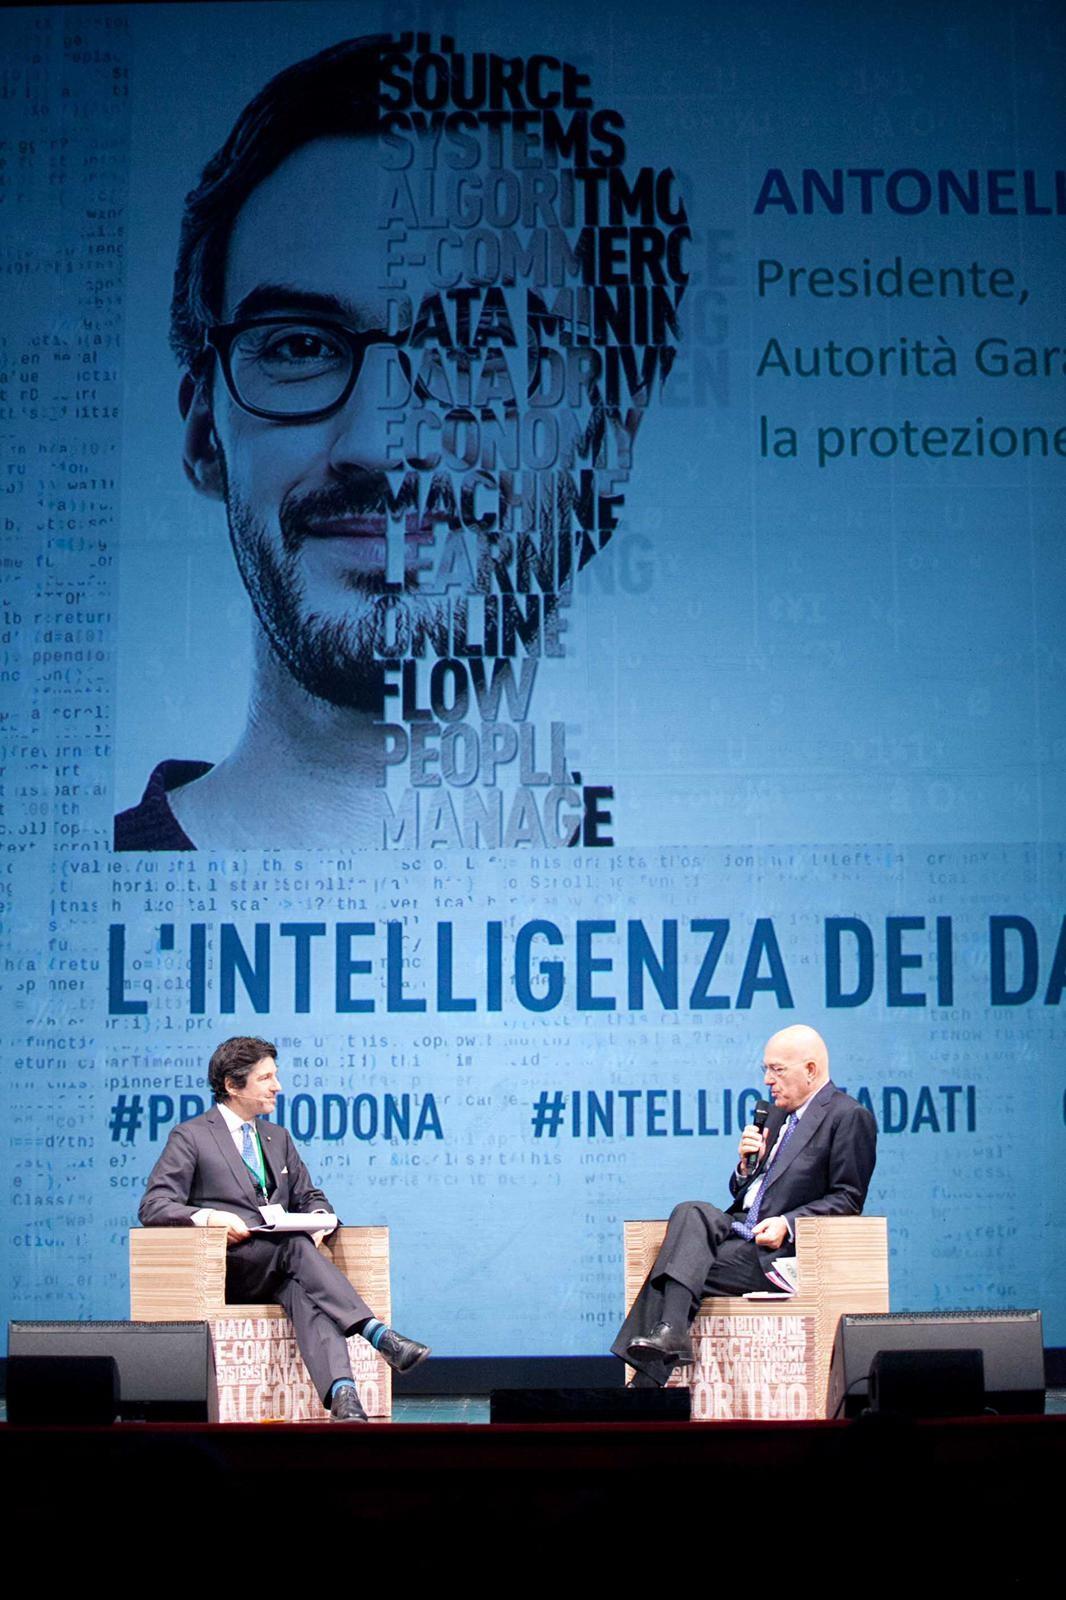 Più che a proteggere i propri dati personali gli italiani pe